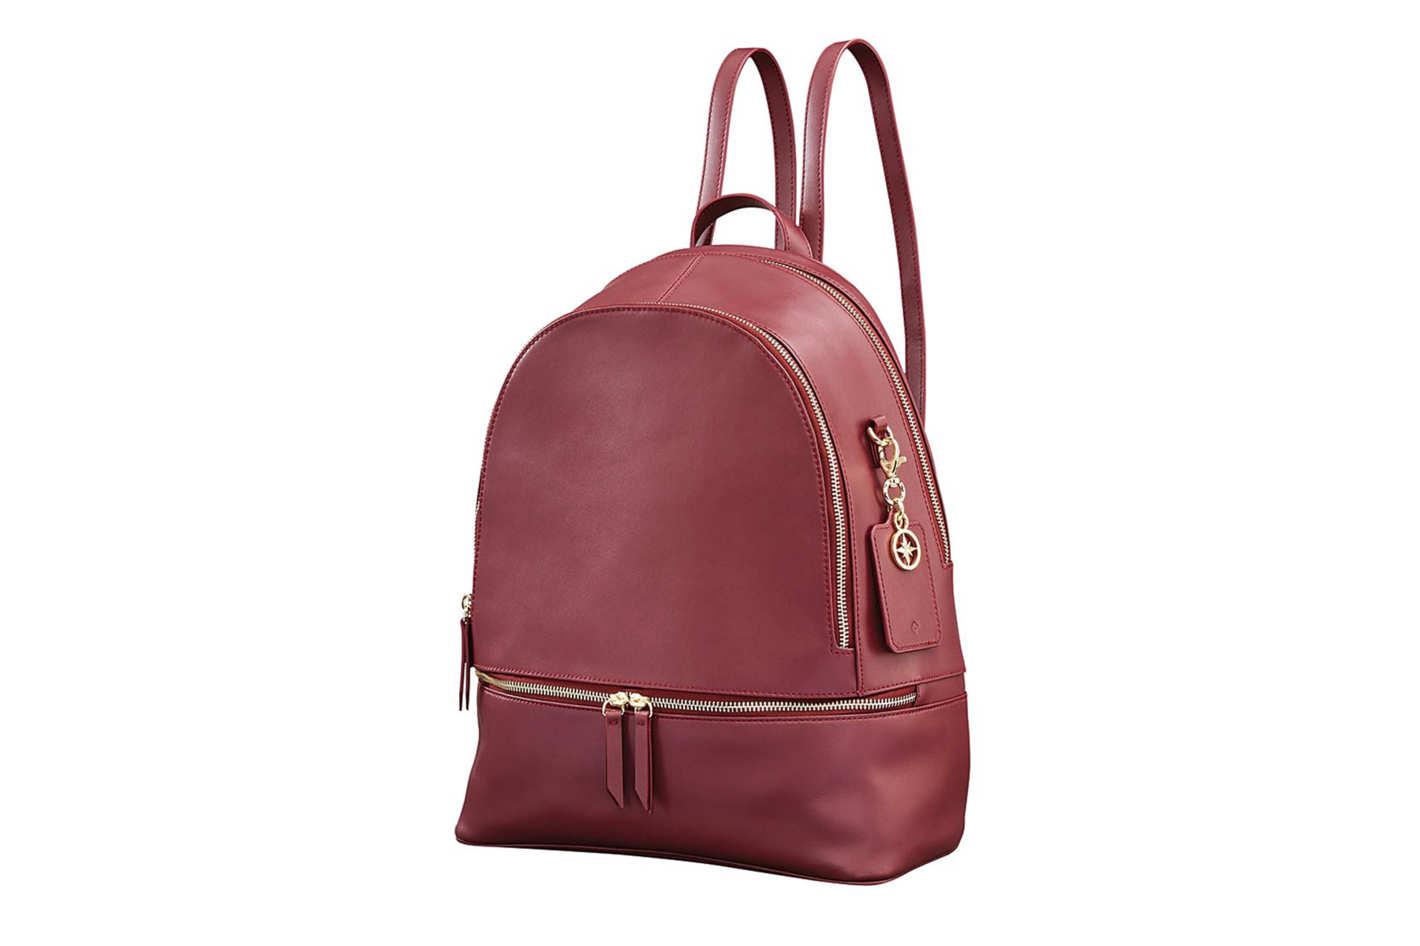 Samsonite Ladies Leather City Backpack